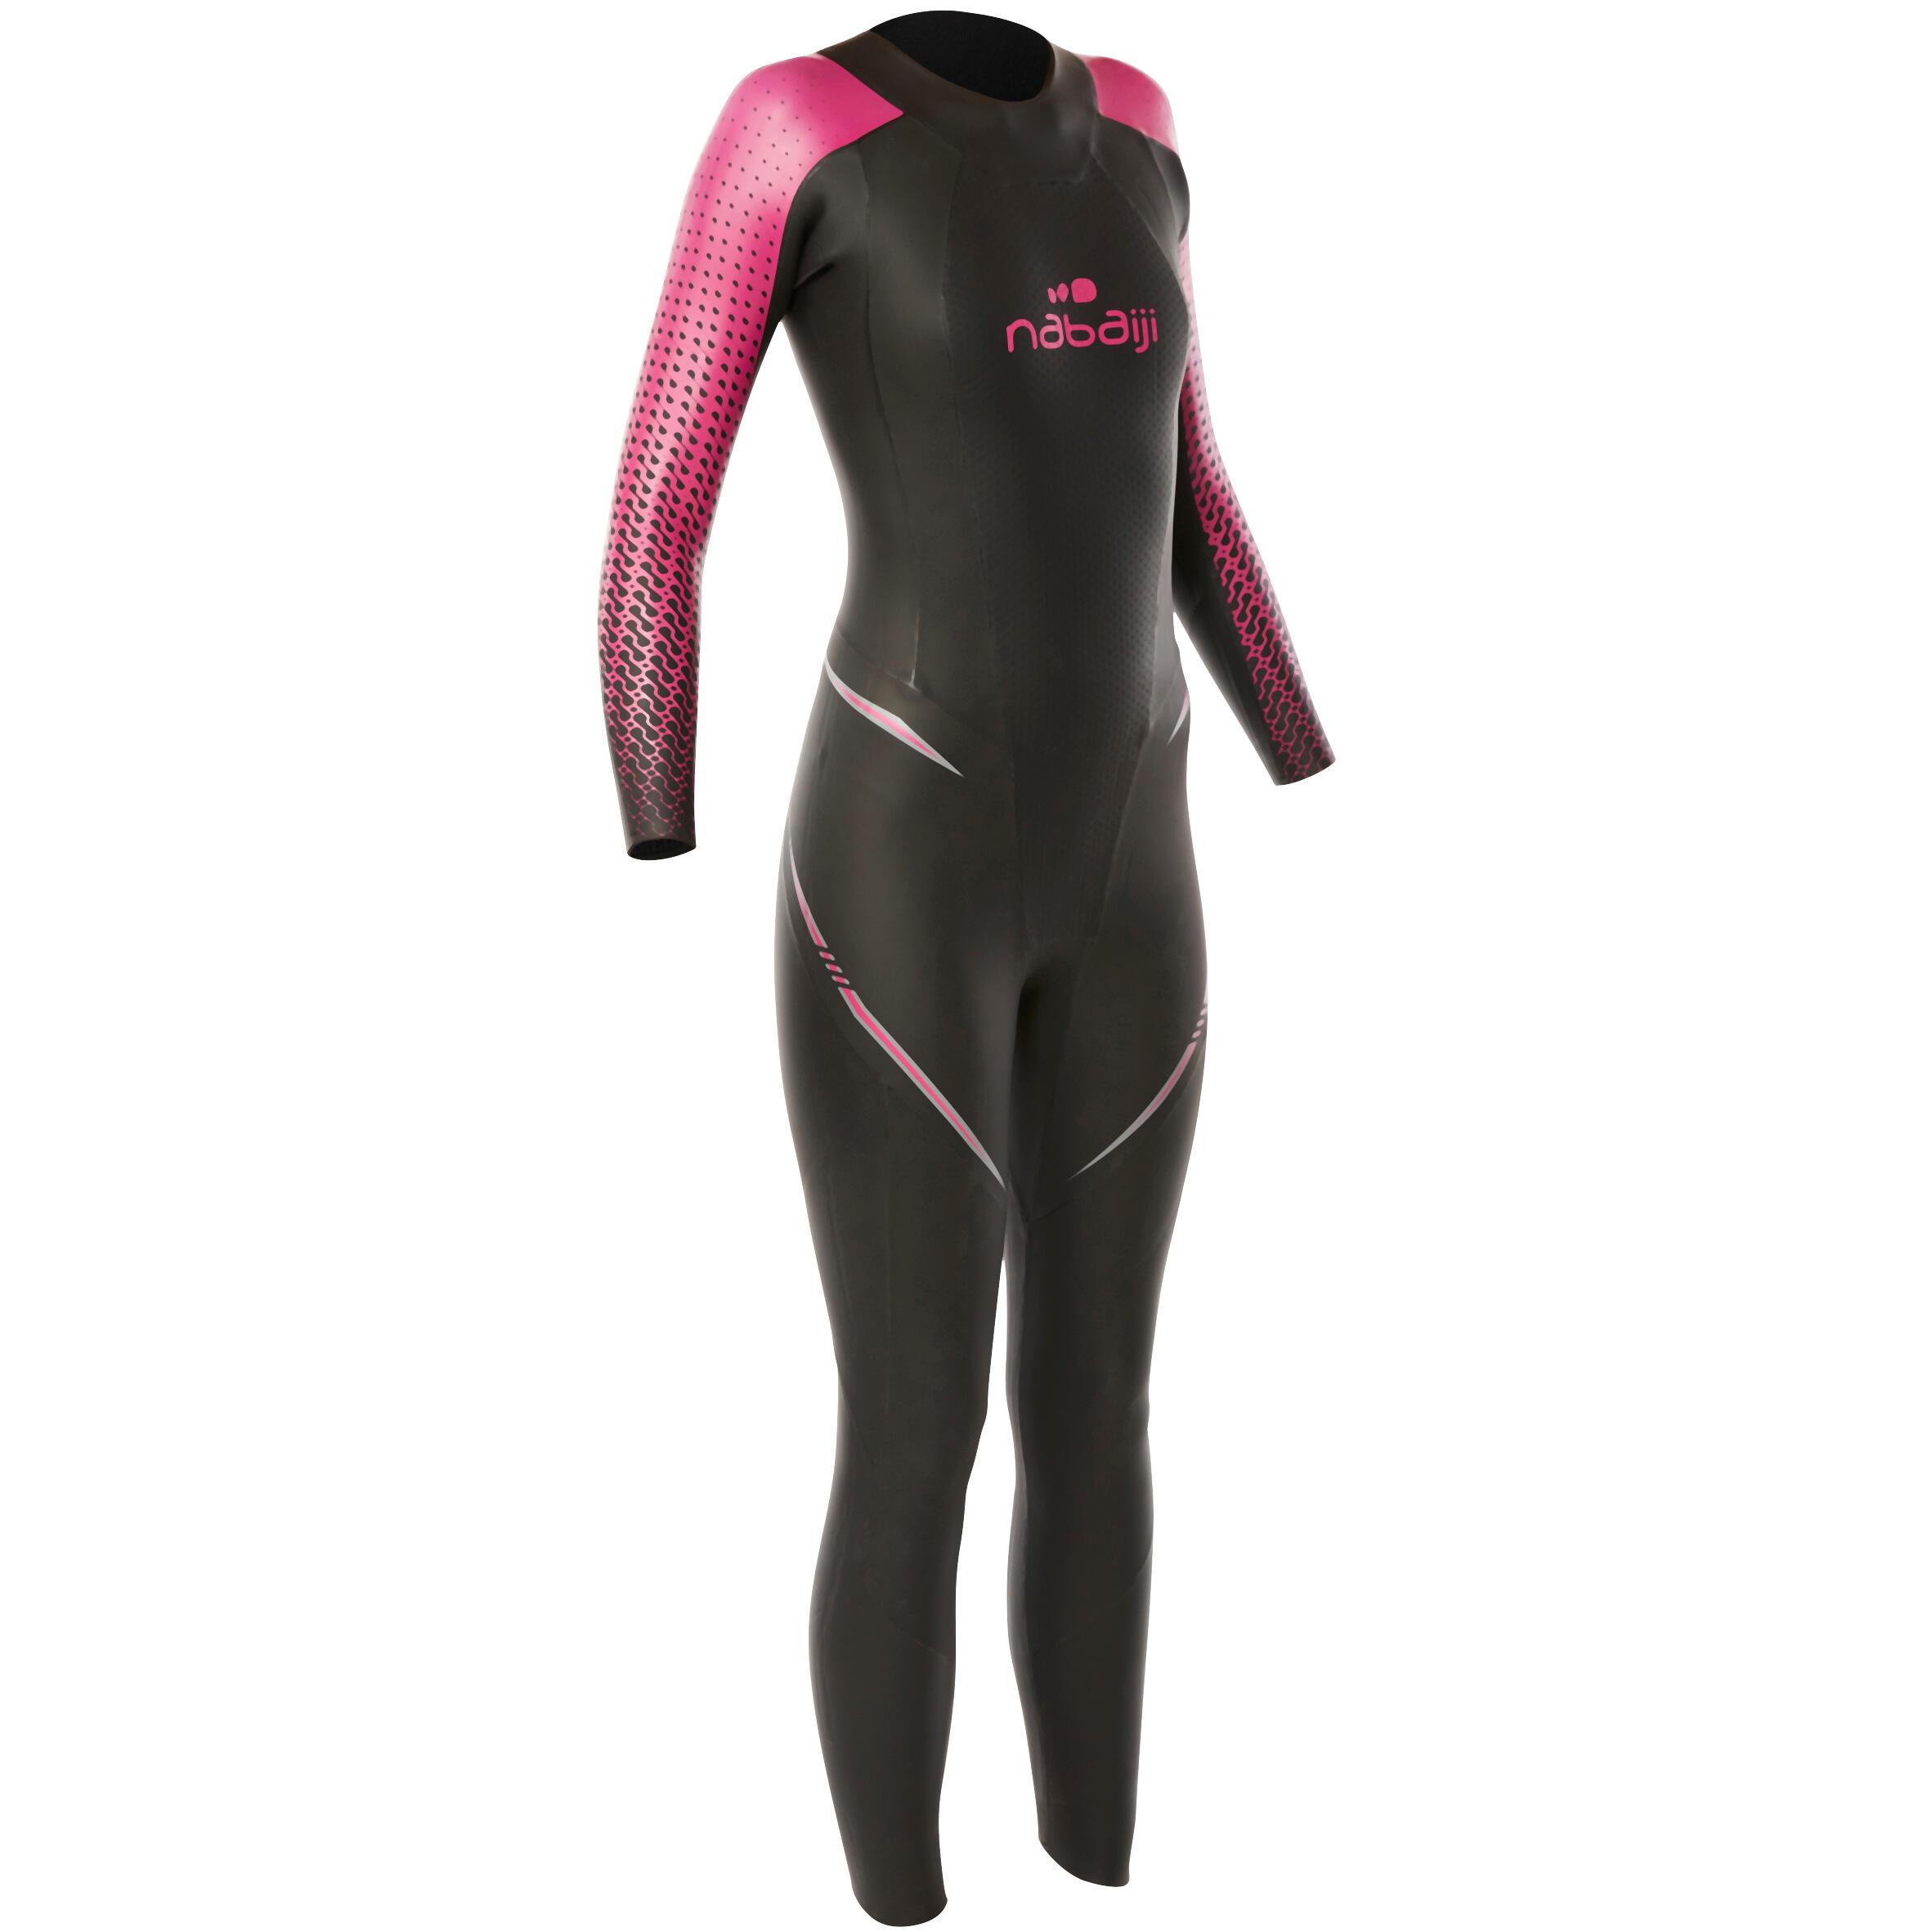 Combinaison natation néoprène OWS 900 5/2 mm femme eau froide